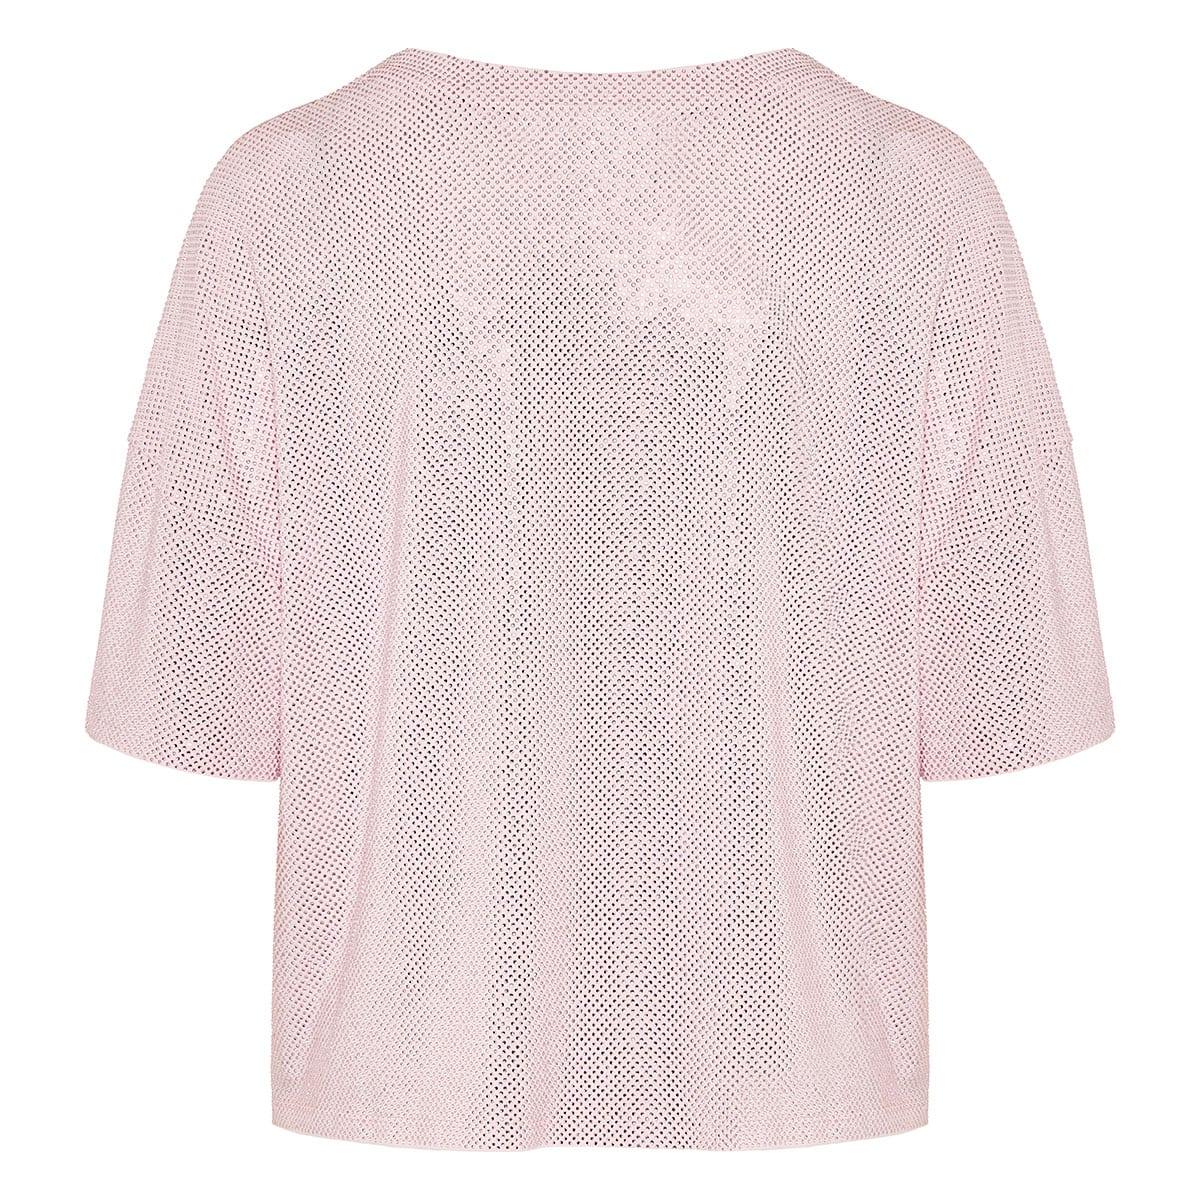 Crystal-embellished t-shirt